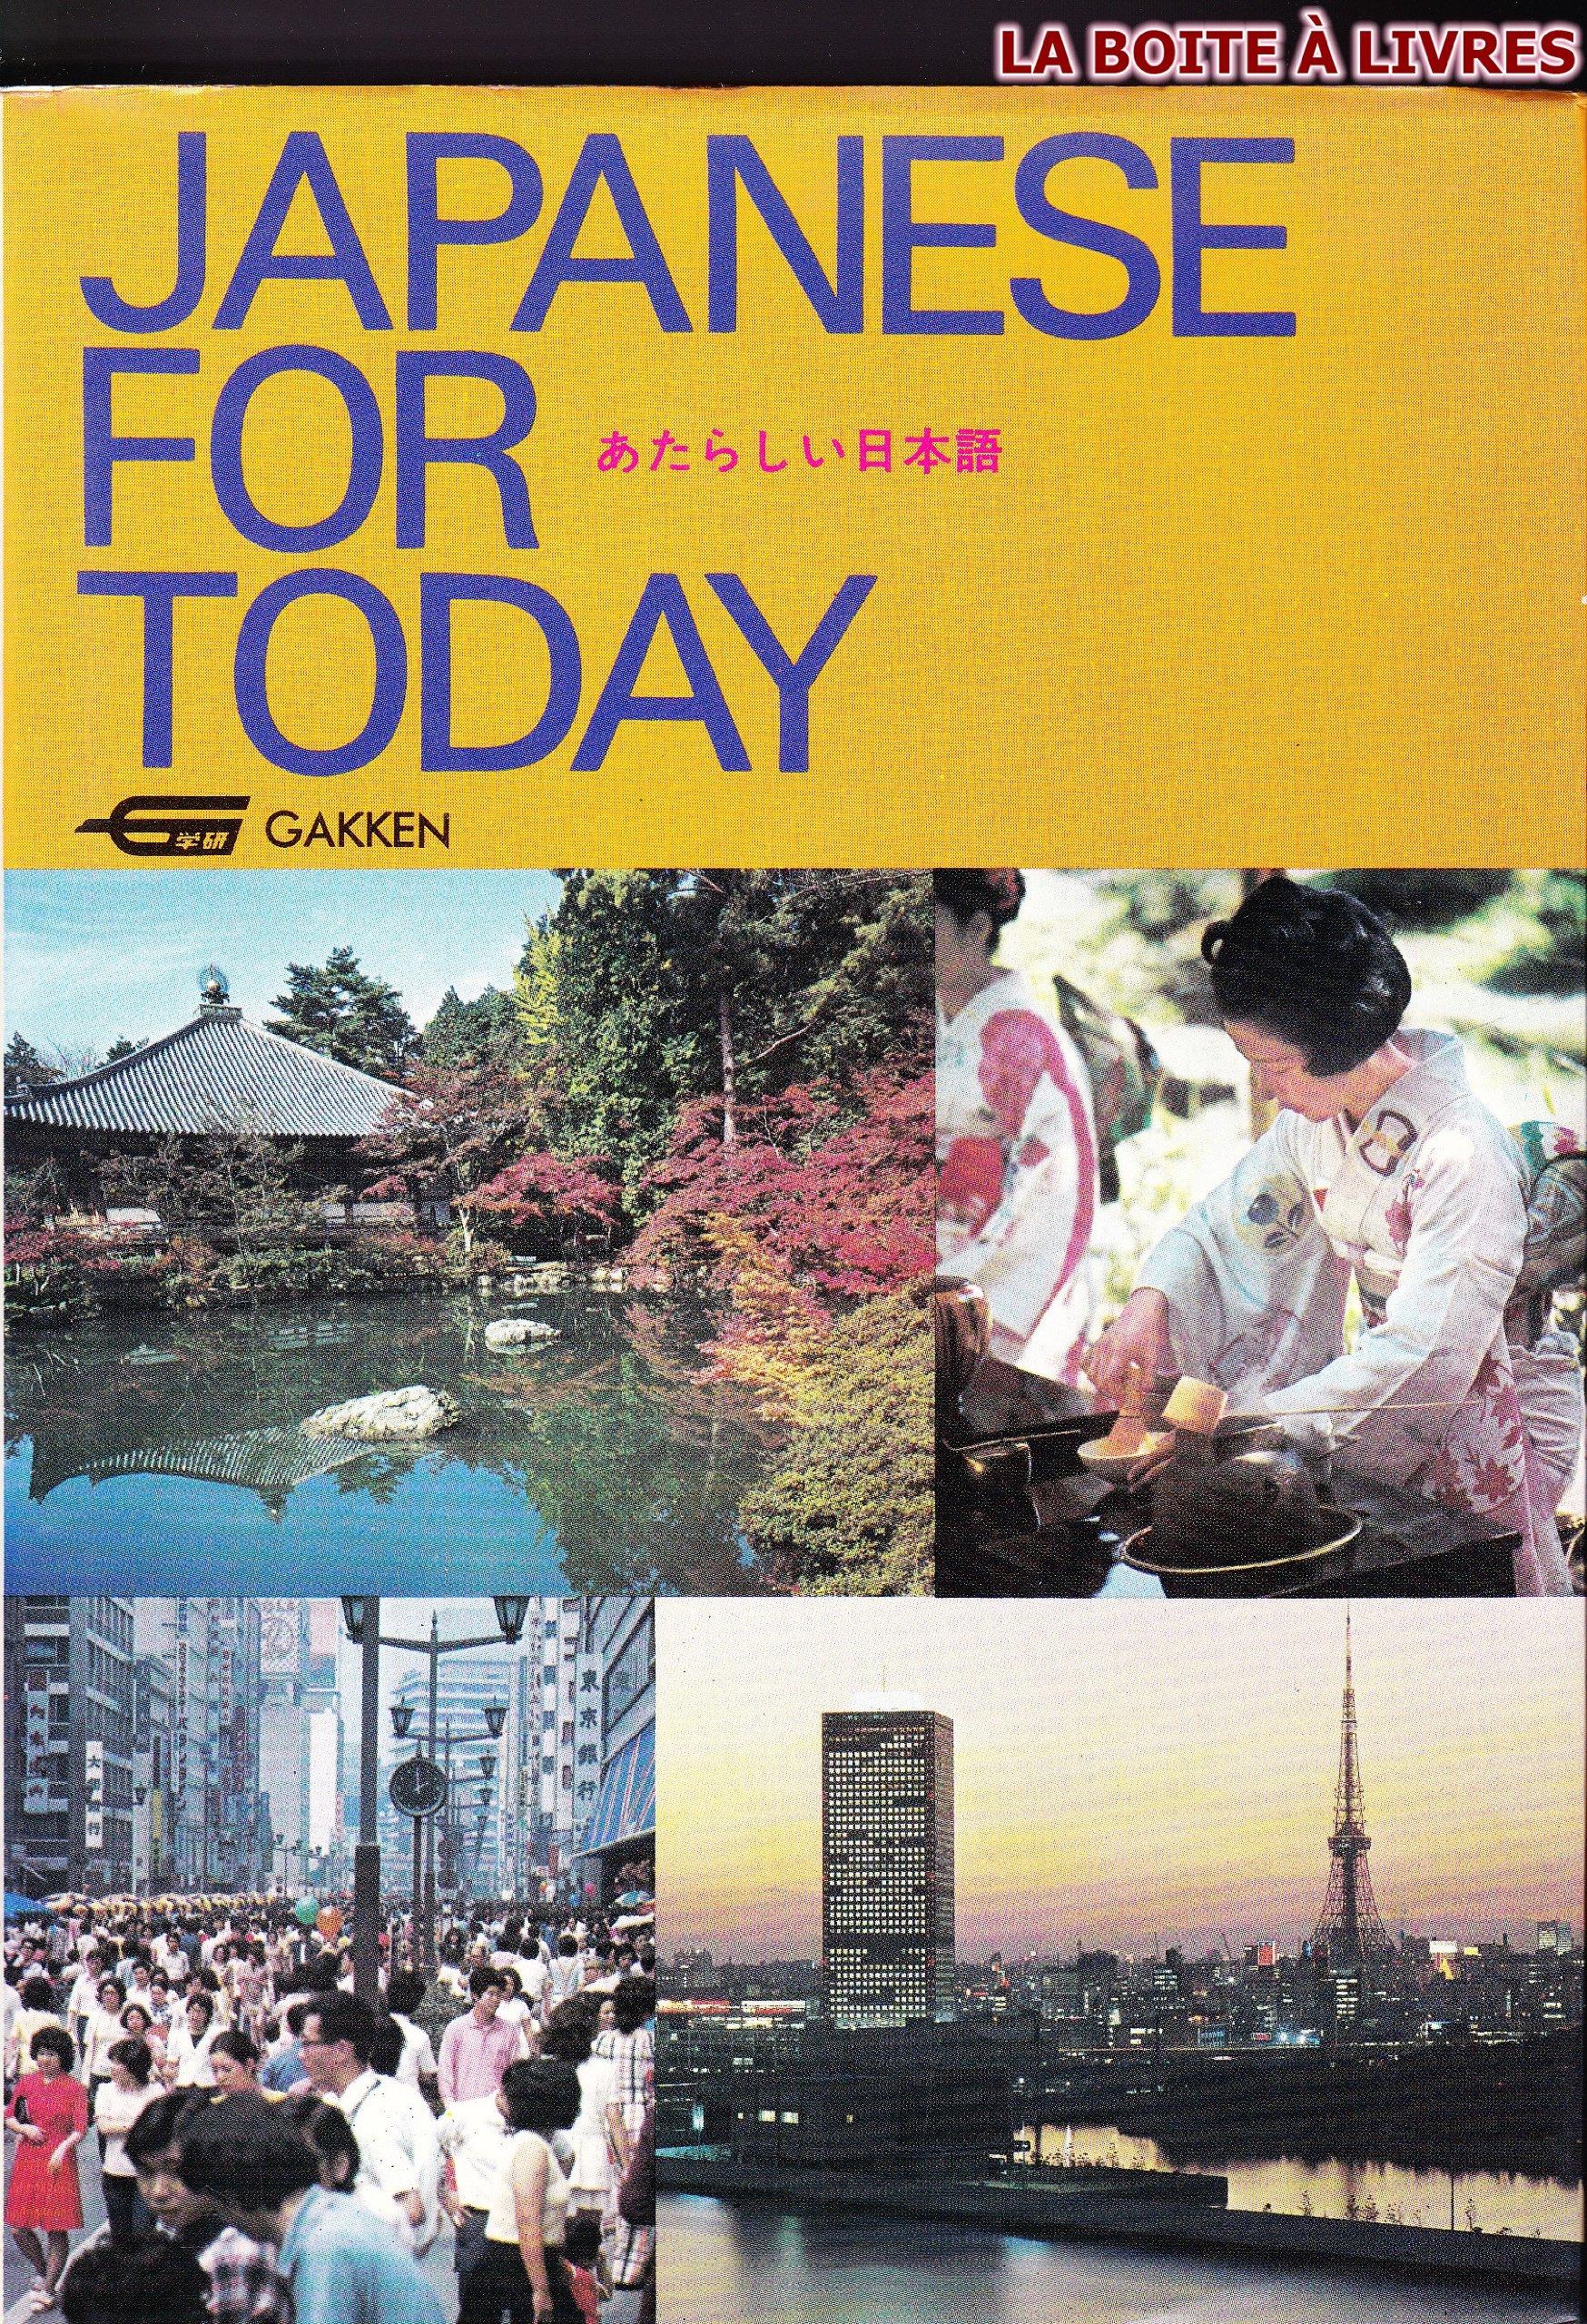 Japanese For Today Gakken 9784051513085 Books Amazon Ca